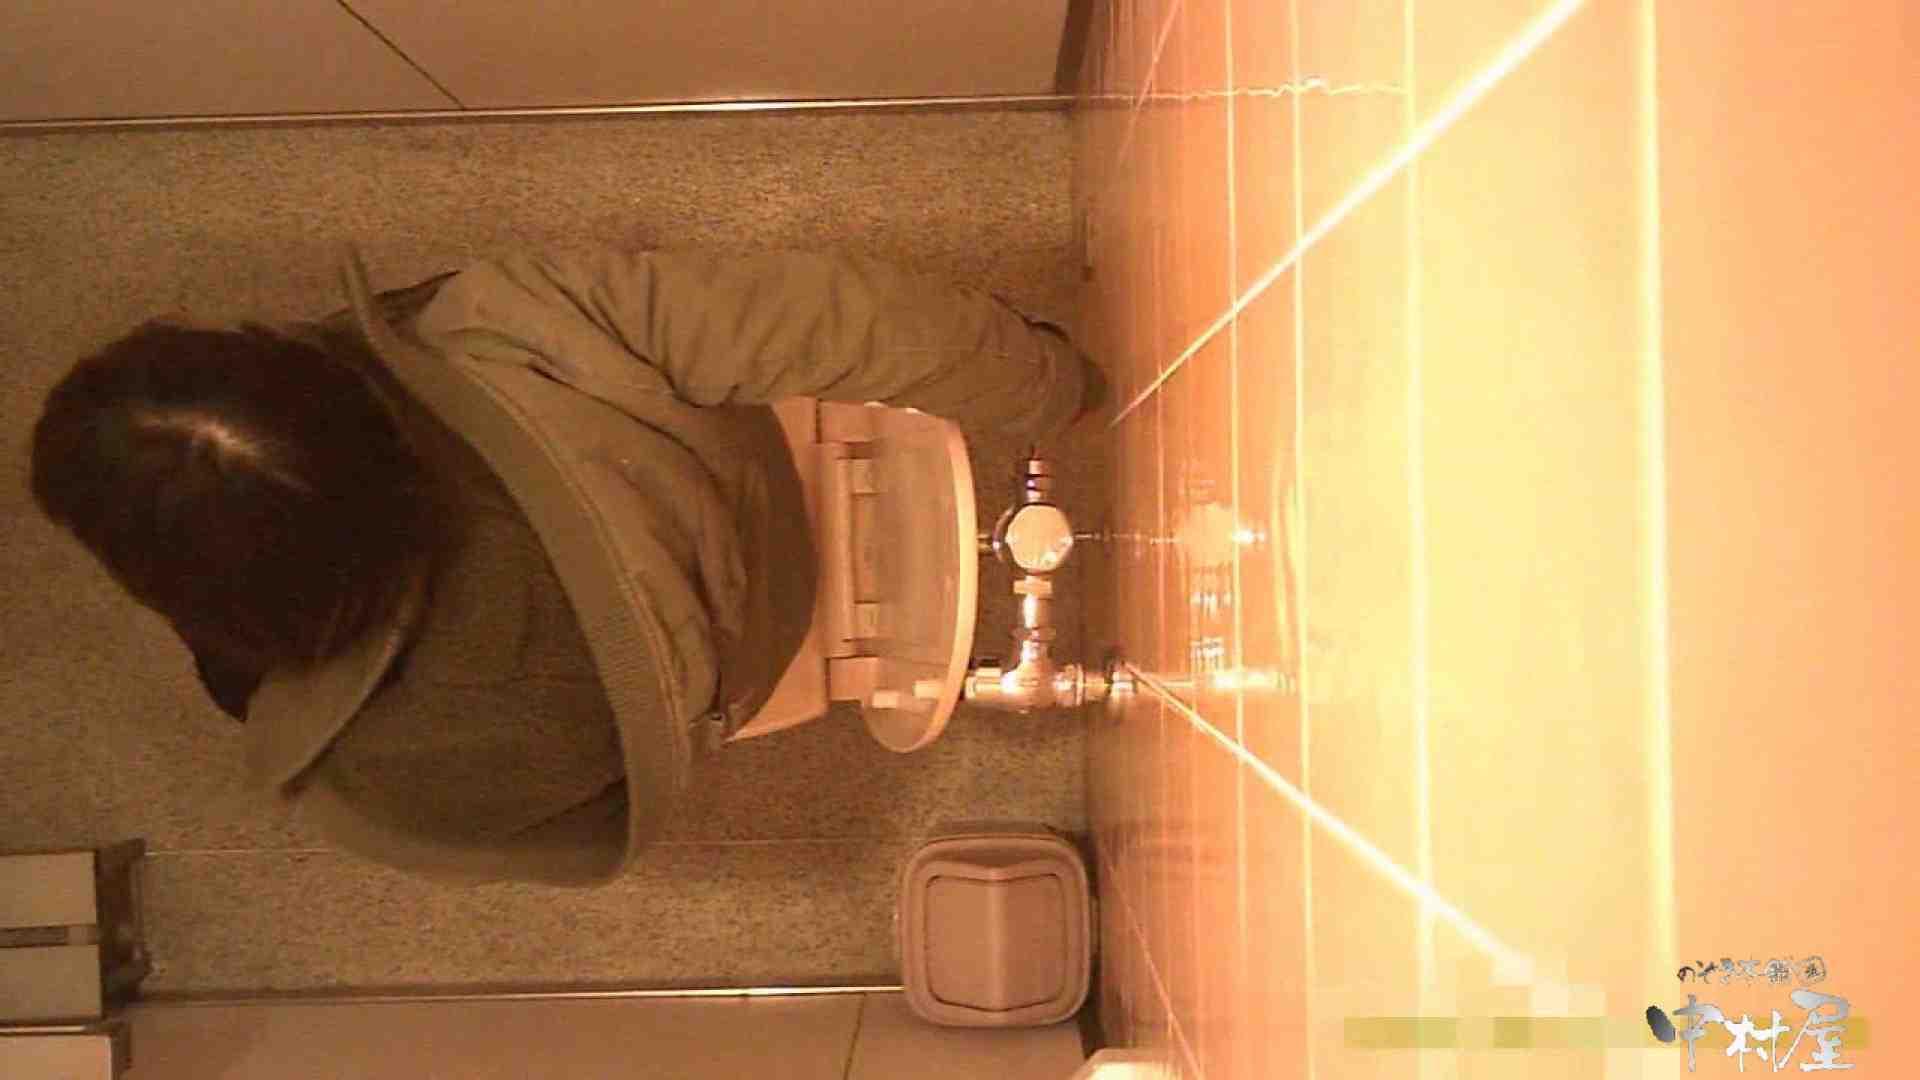 初盗撮!女盗撮師カレンさんの 潜入!女子トイレ盗撮!Vol.5 美女 | 女子トイレ  99画像 30